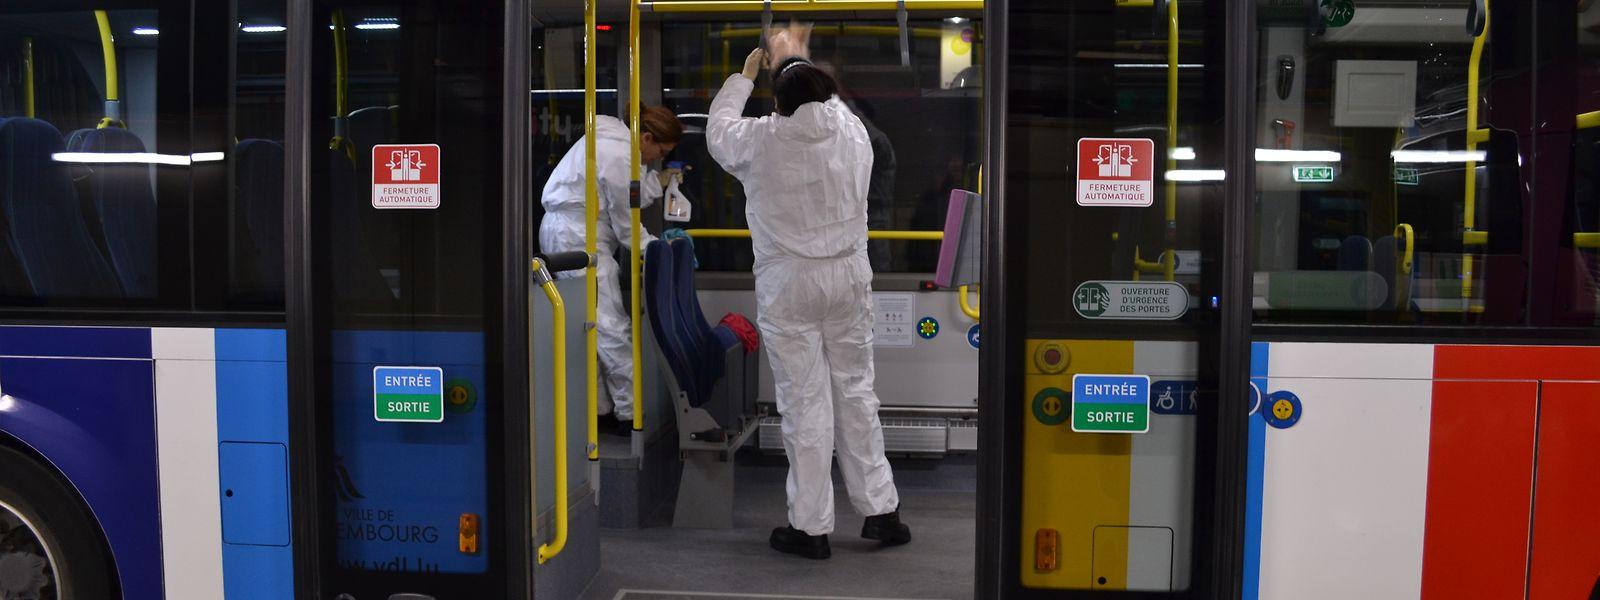 Bereits zum Beginn der Krise wurden in den Fahrzeugen des öffentlichen Nahverkehrs strenge Hygienevorschriften eingeführt. Desinfektionsmaßnahmen wie hier bei der AVL gehören seitdem zum Alltag.